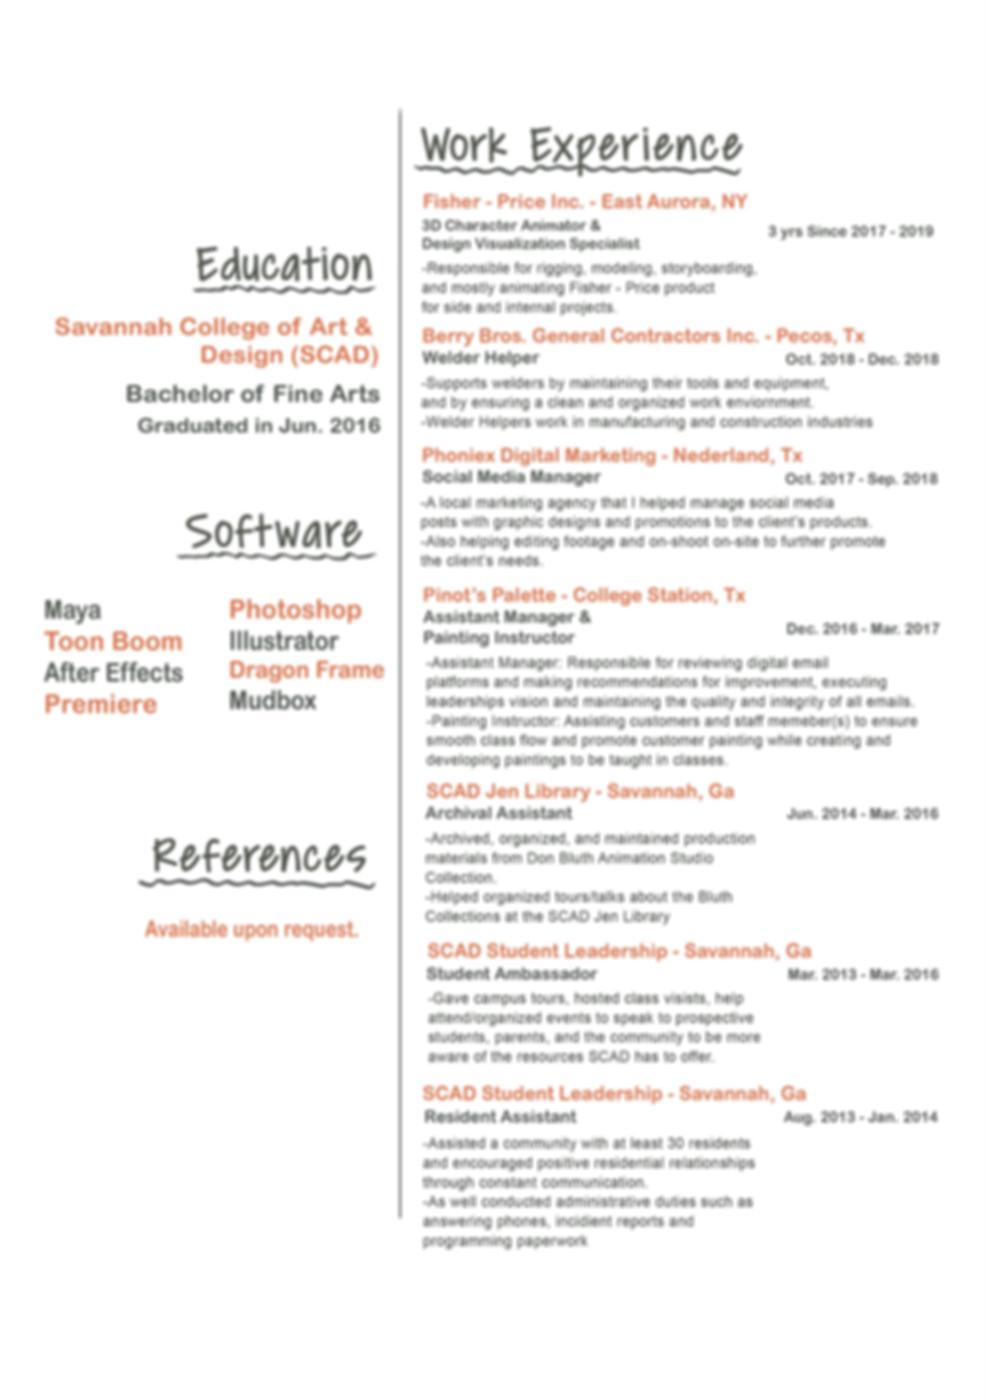 LiliLopez_Resume2019_ref_outline.png